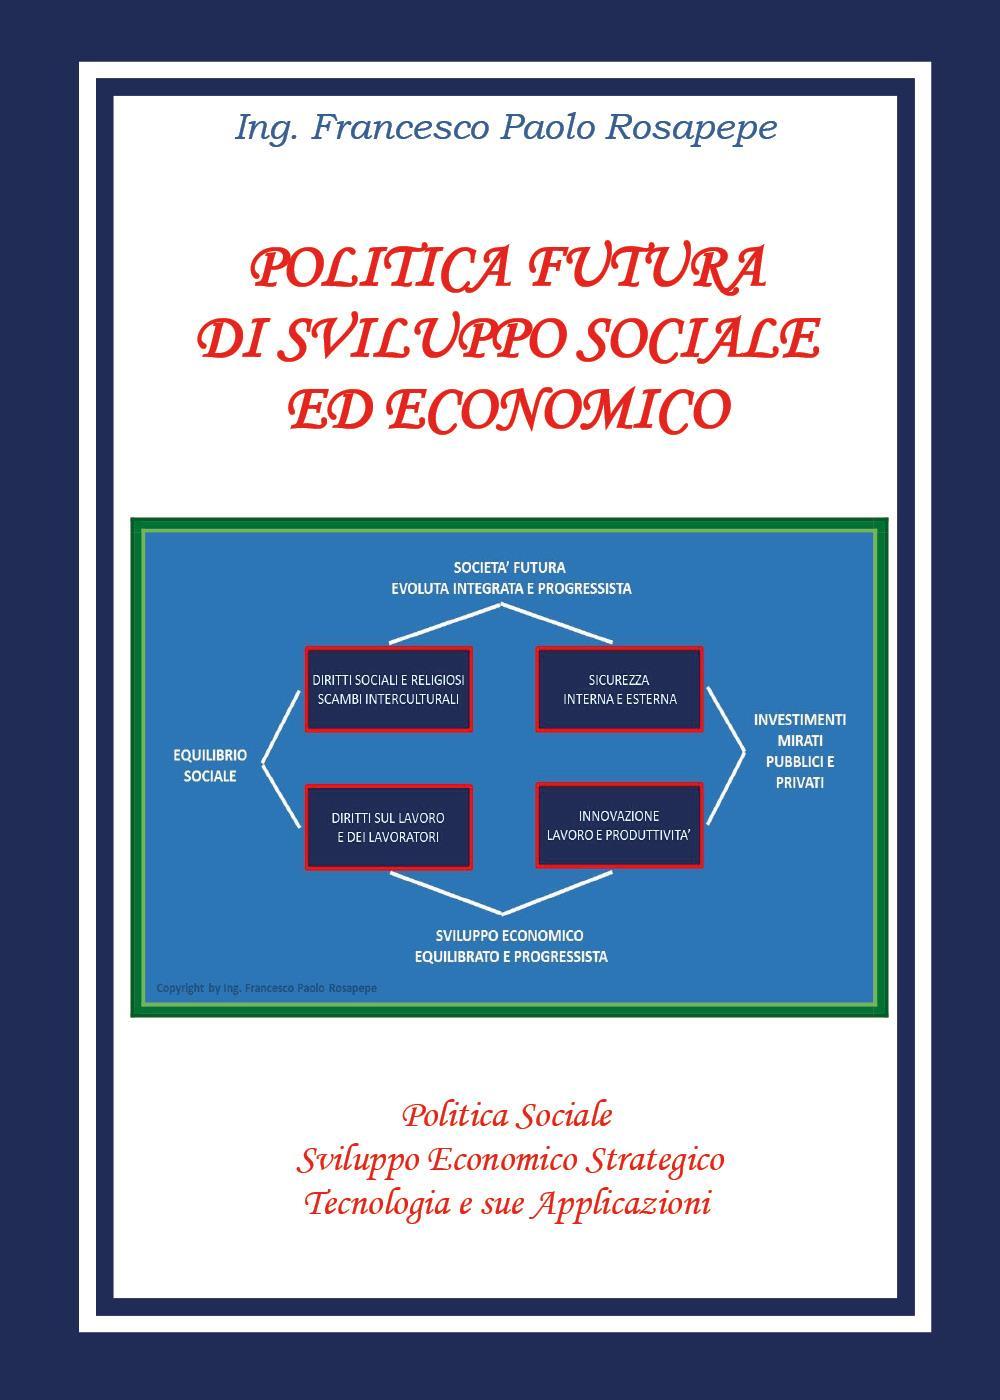 Politica futura di sviluppo sociale e economico